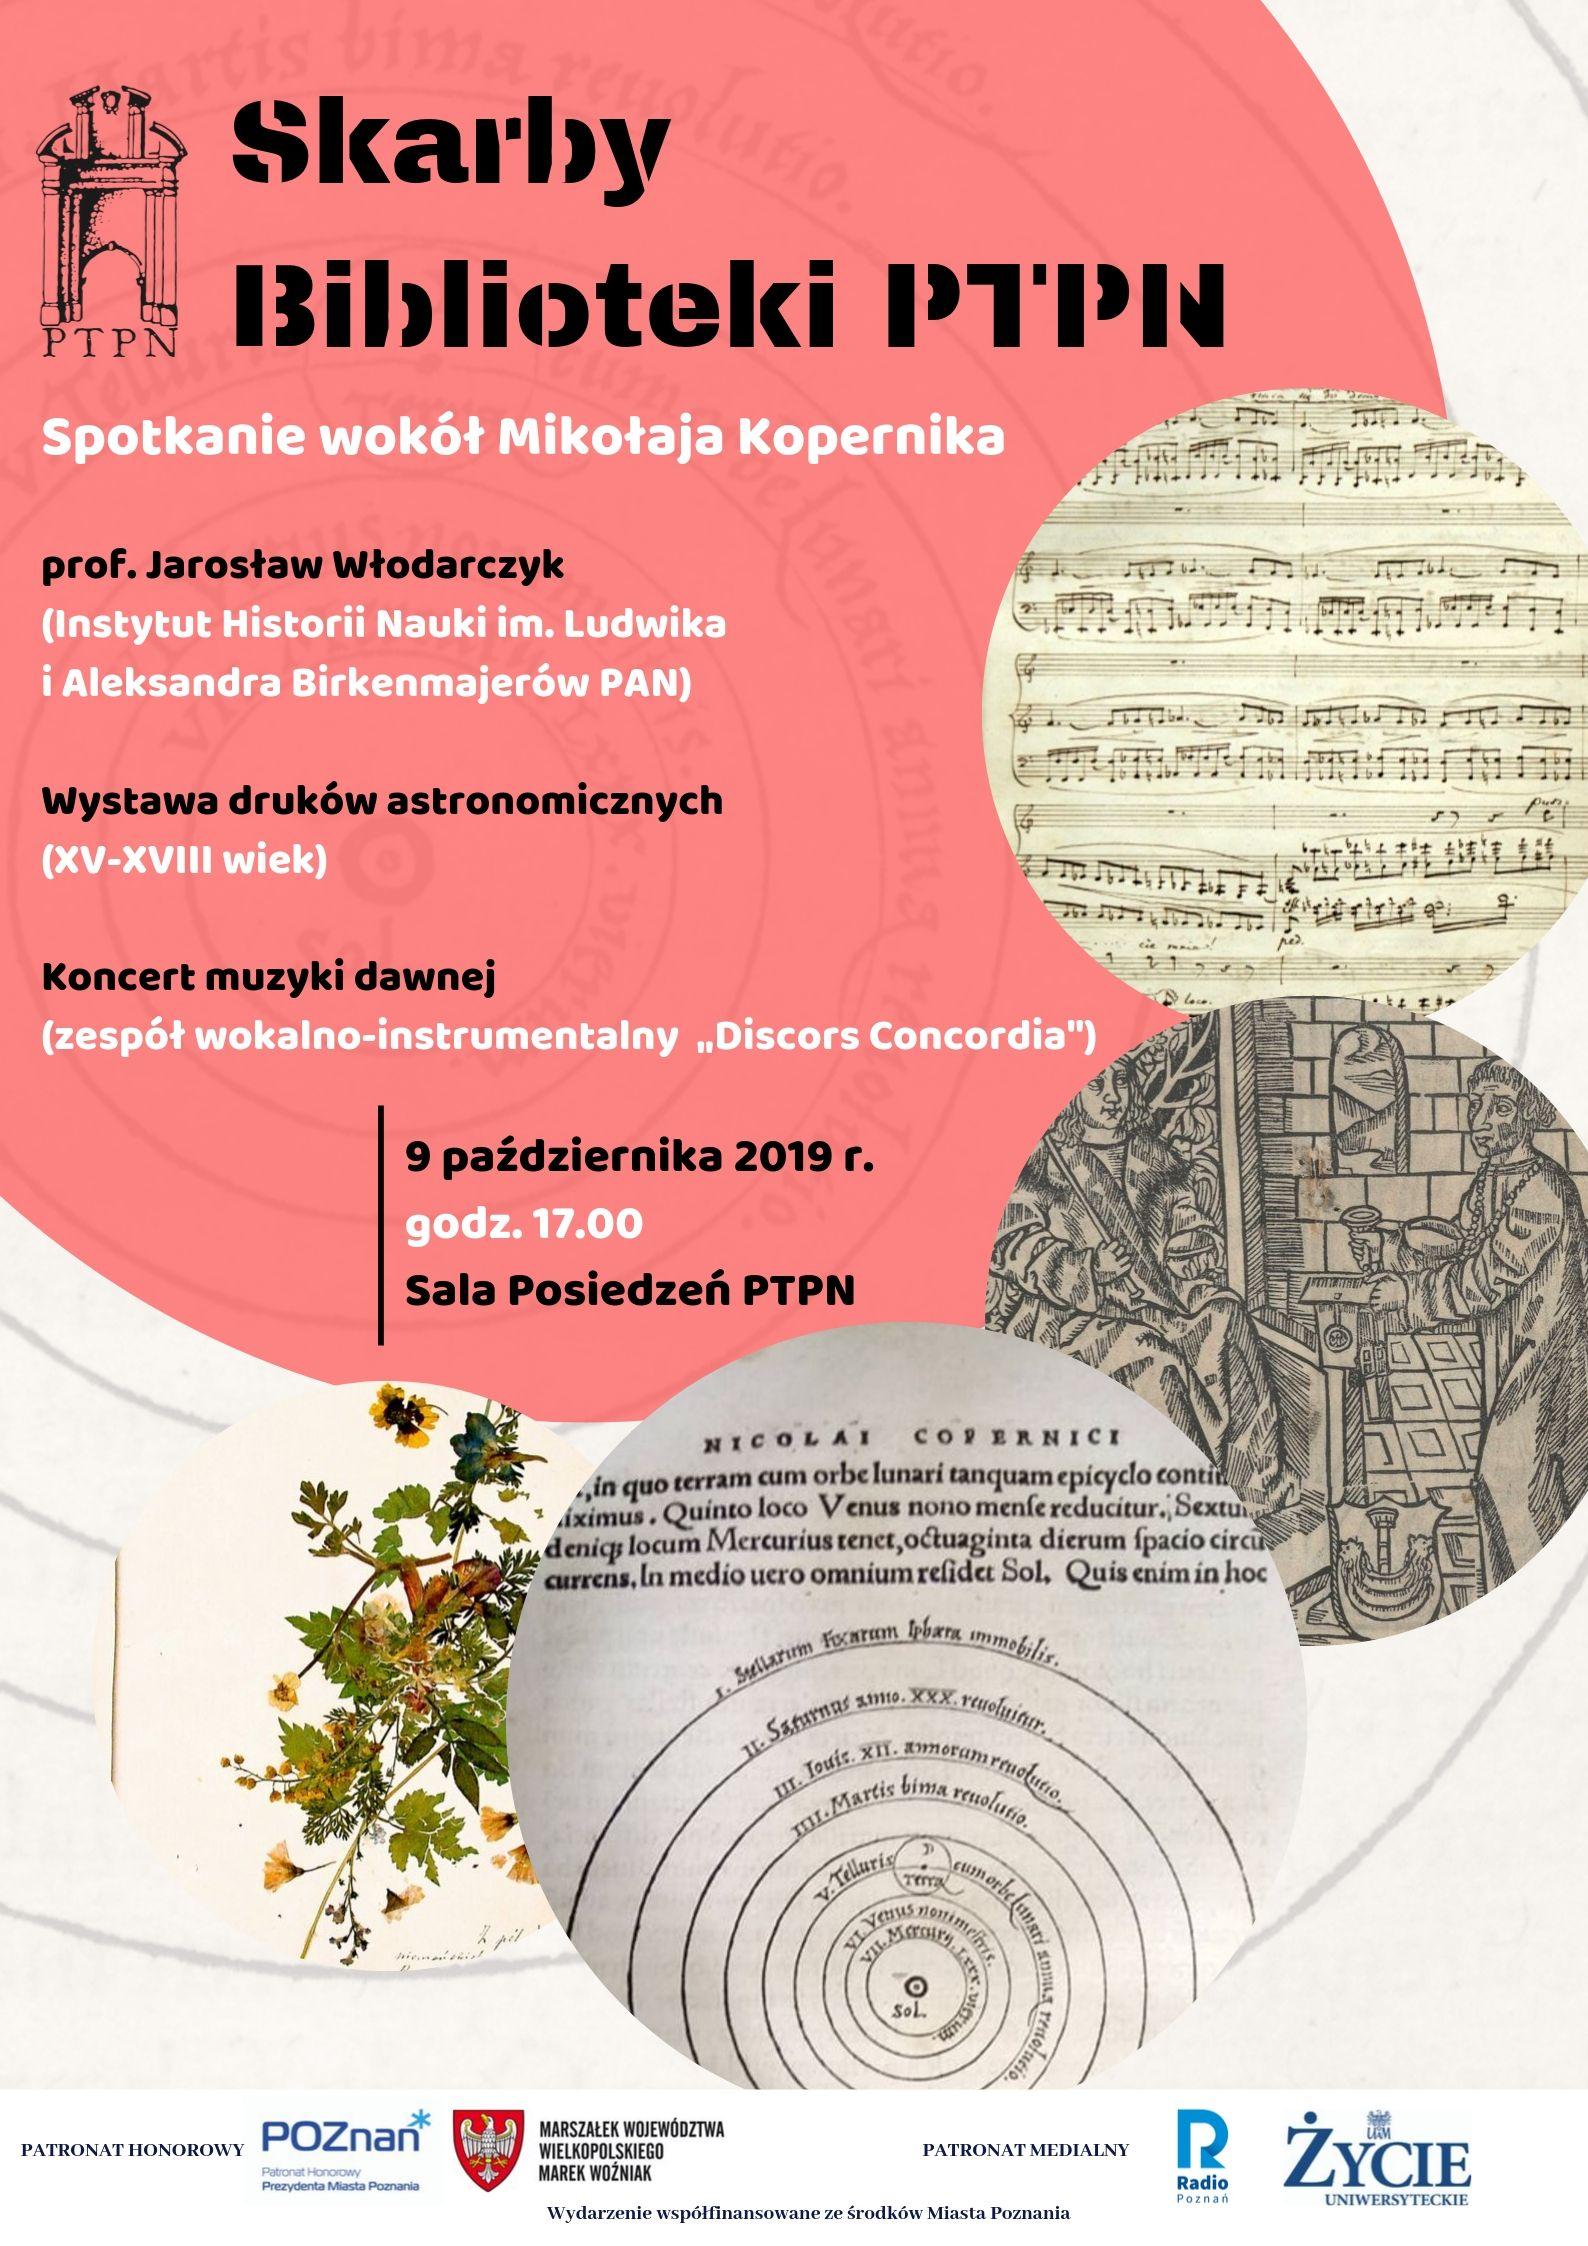 Skarby Biblioteki PTPN – Spotkanie wokół Kopernika